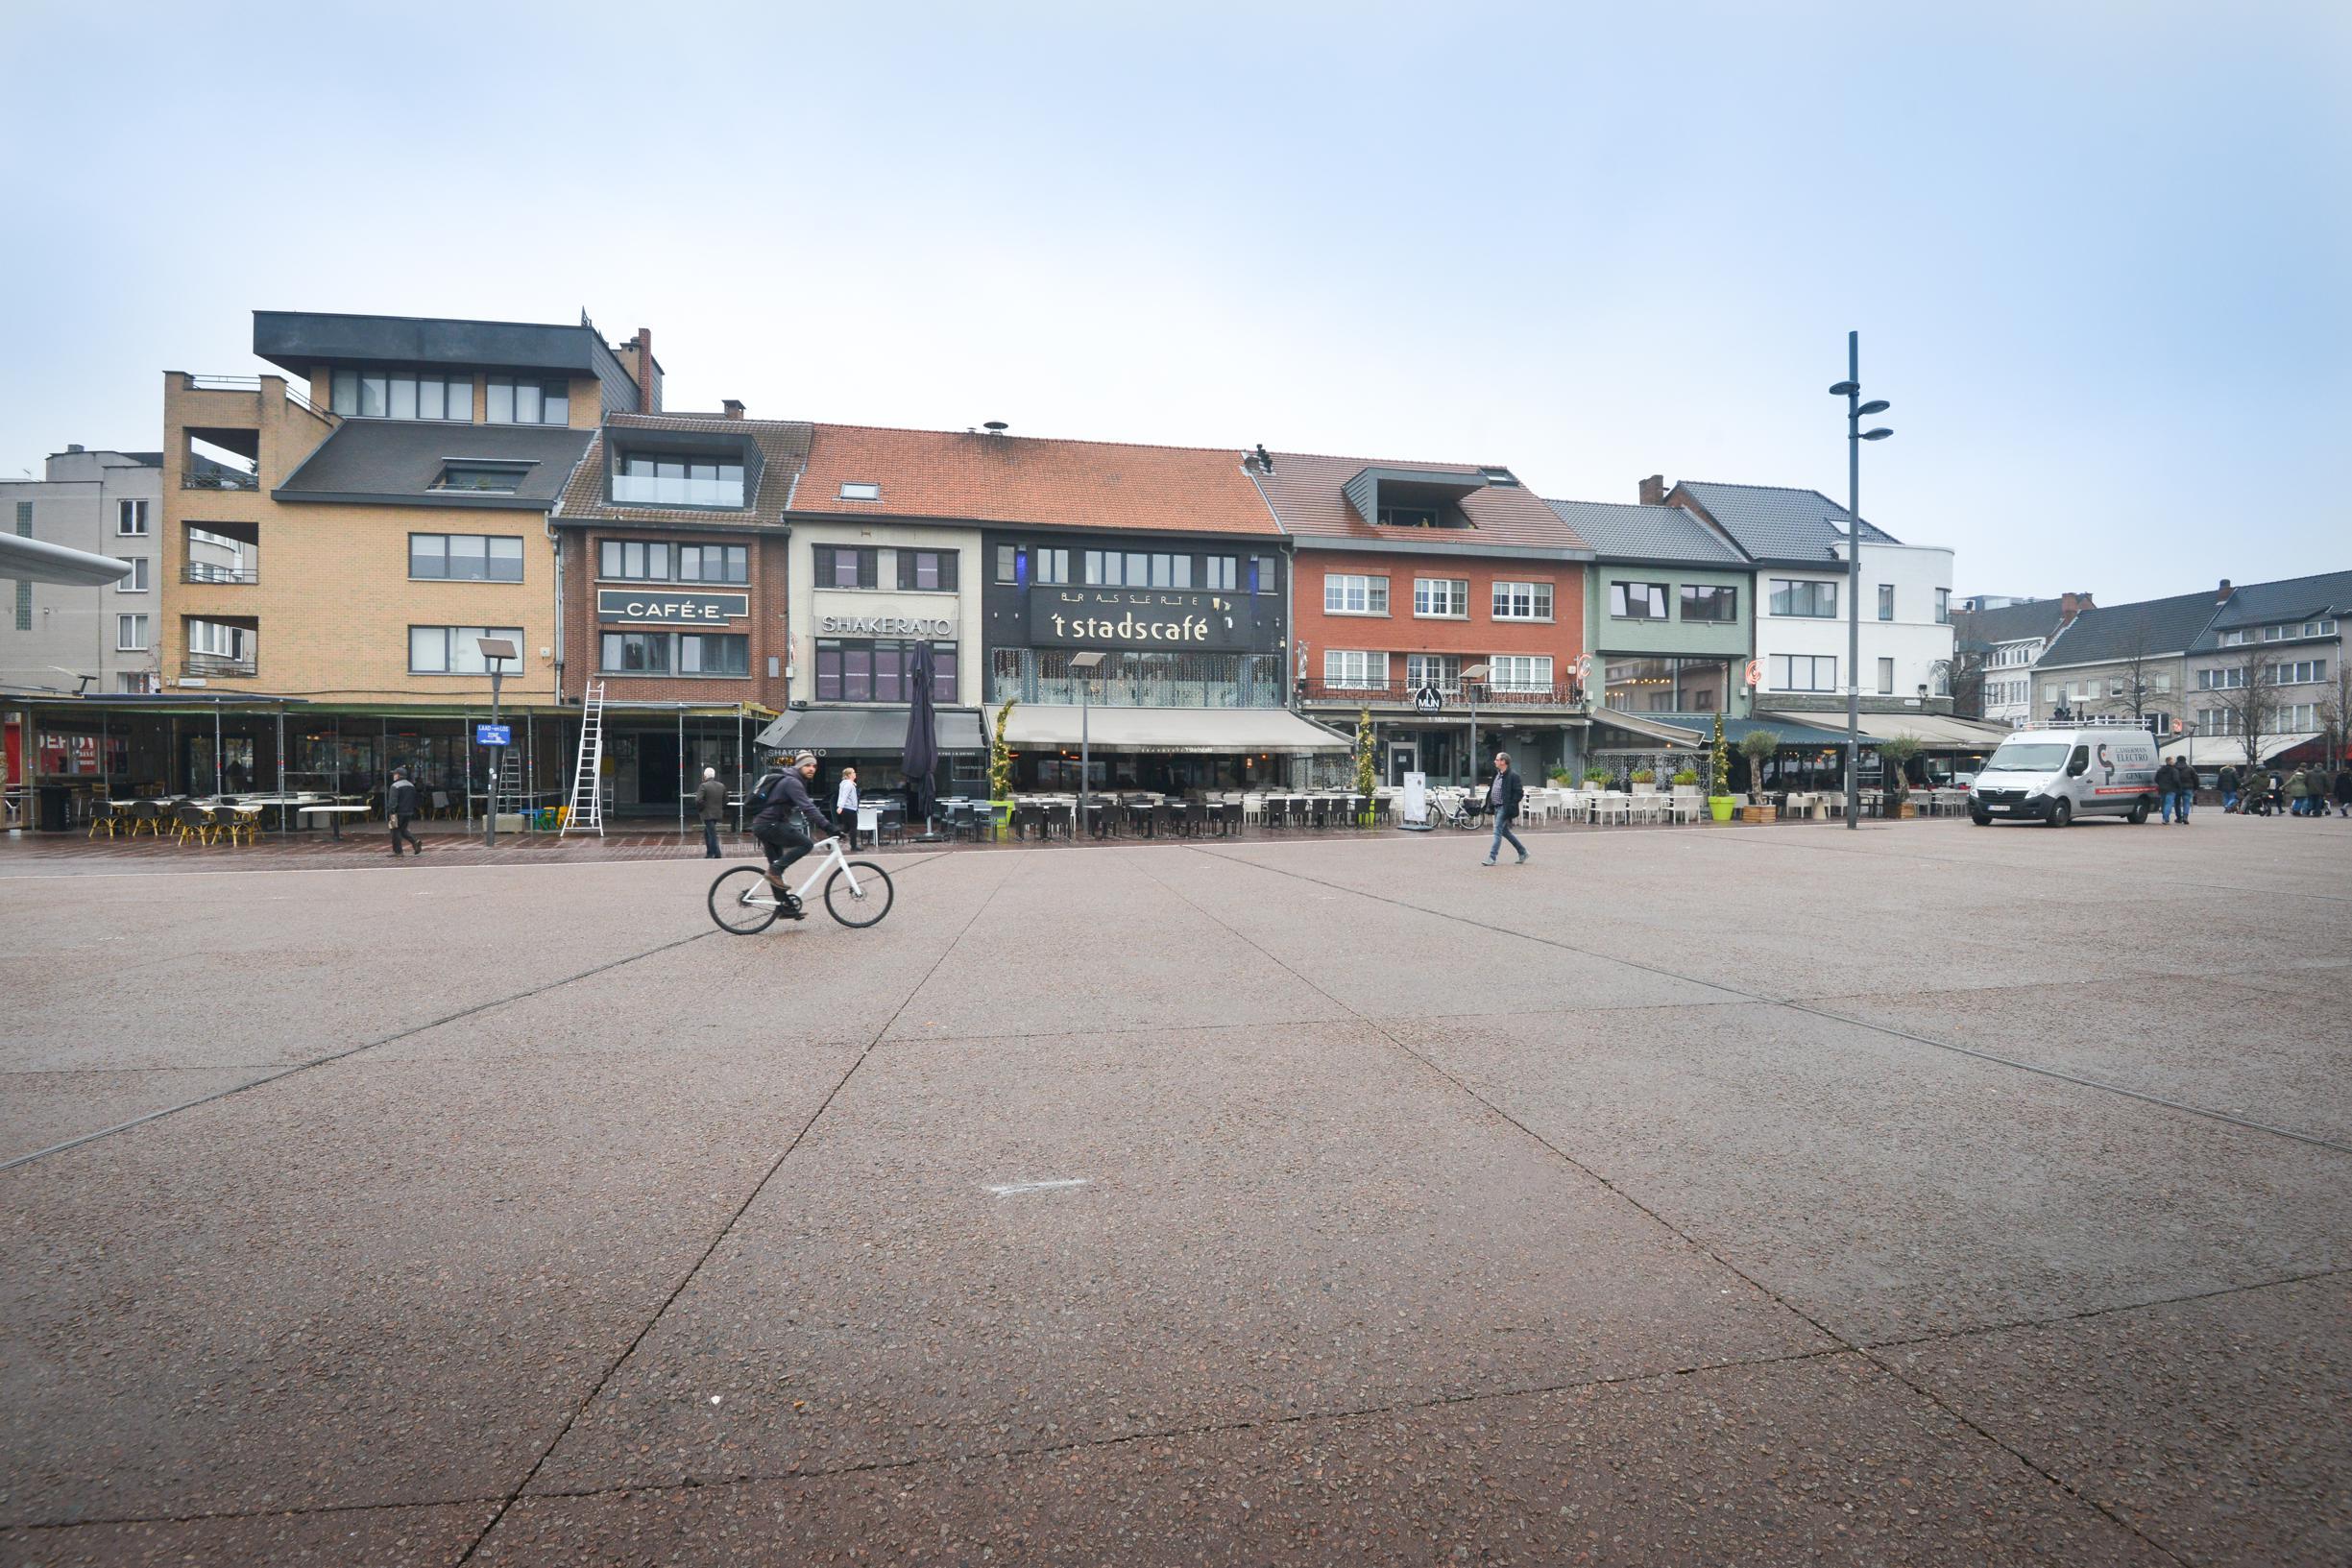 Aan noordkant Grote Markt voortaan enkel plaats voor horecazaken - Het Nieuwsblad